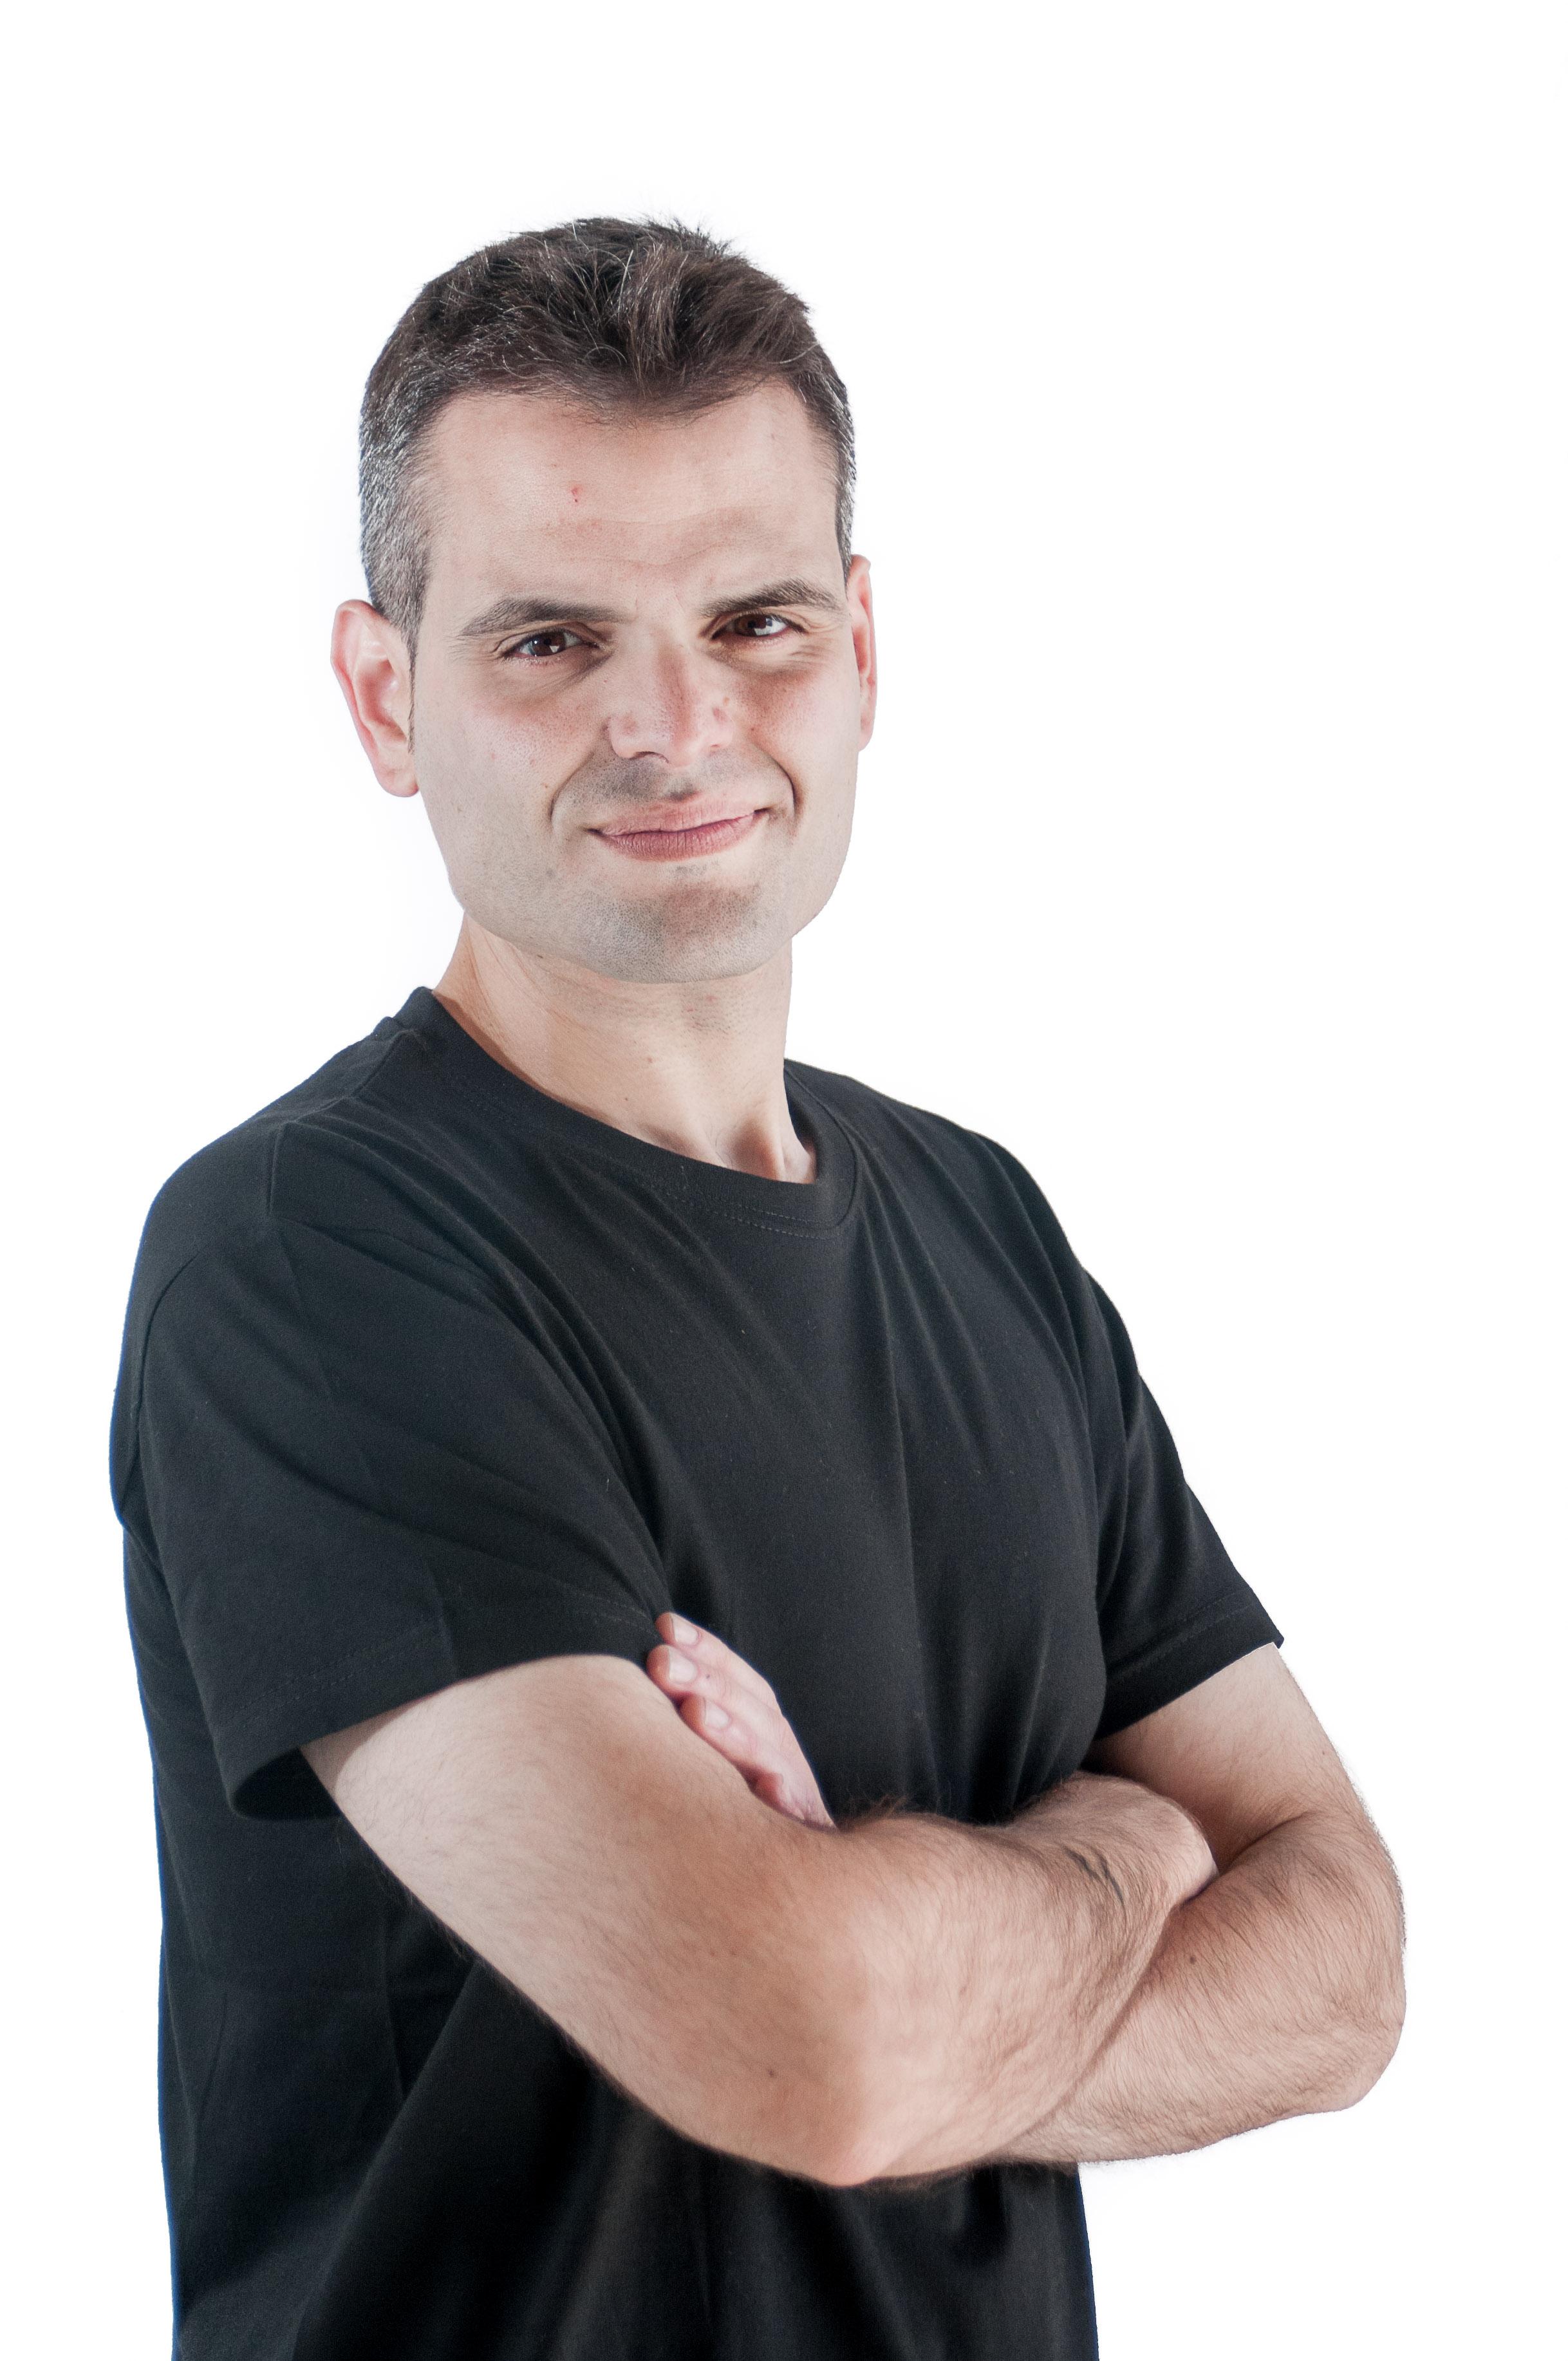 Diego Martel Cerpa